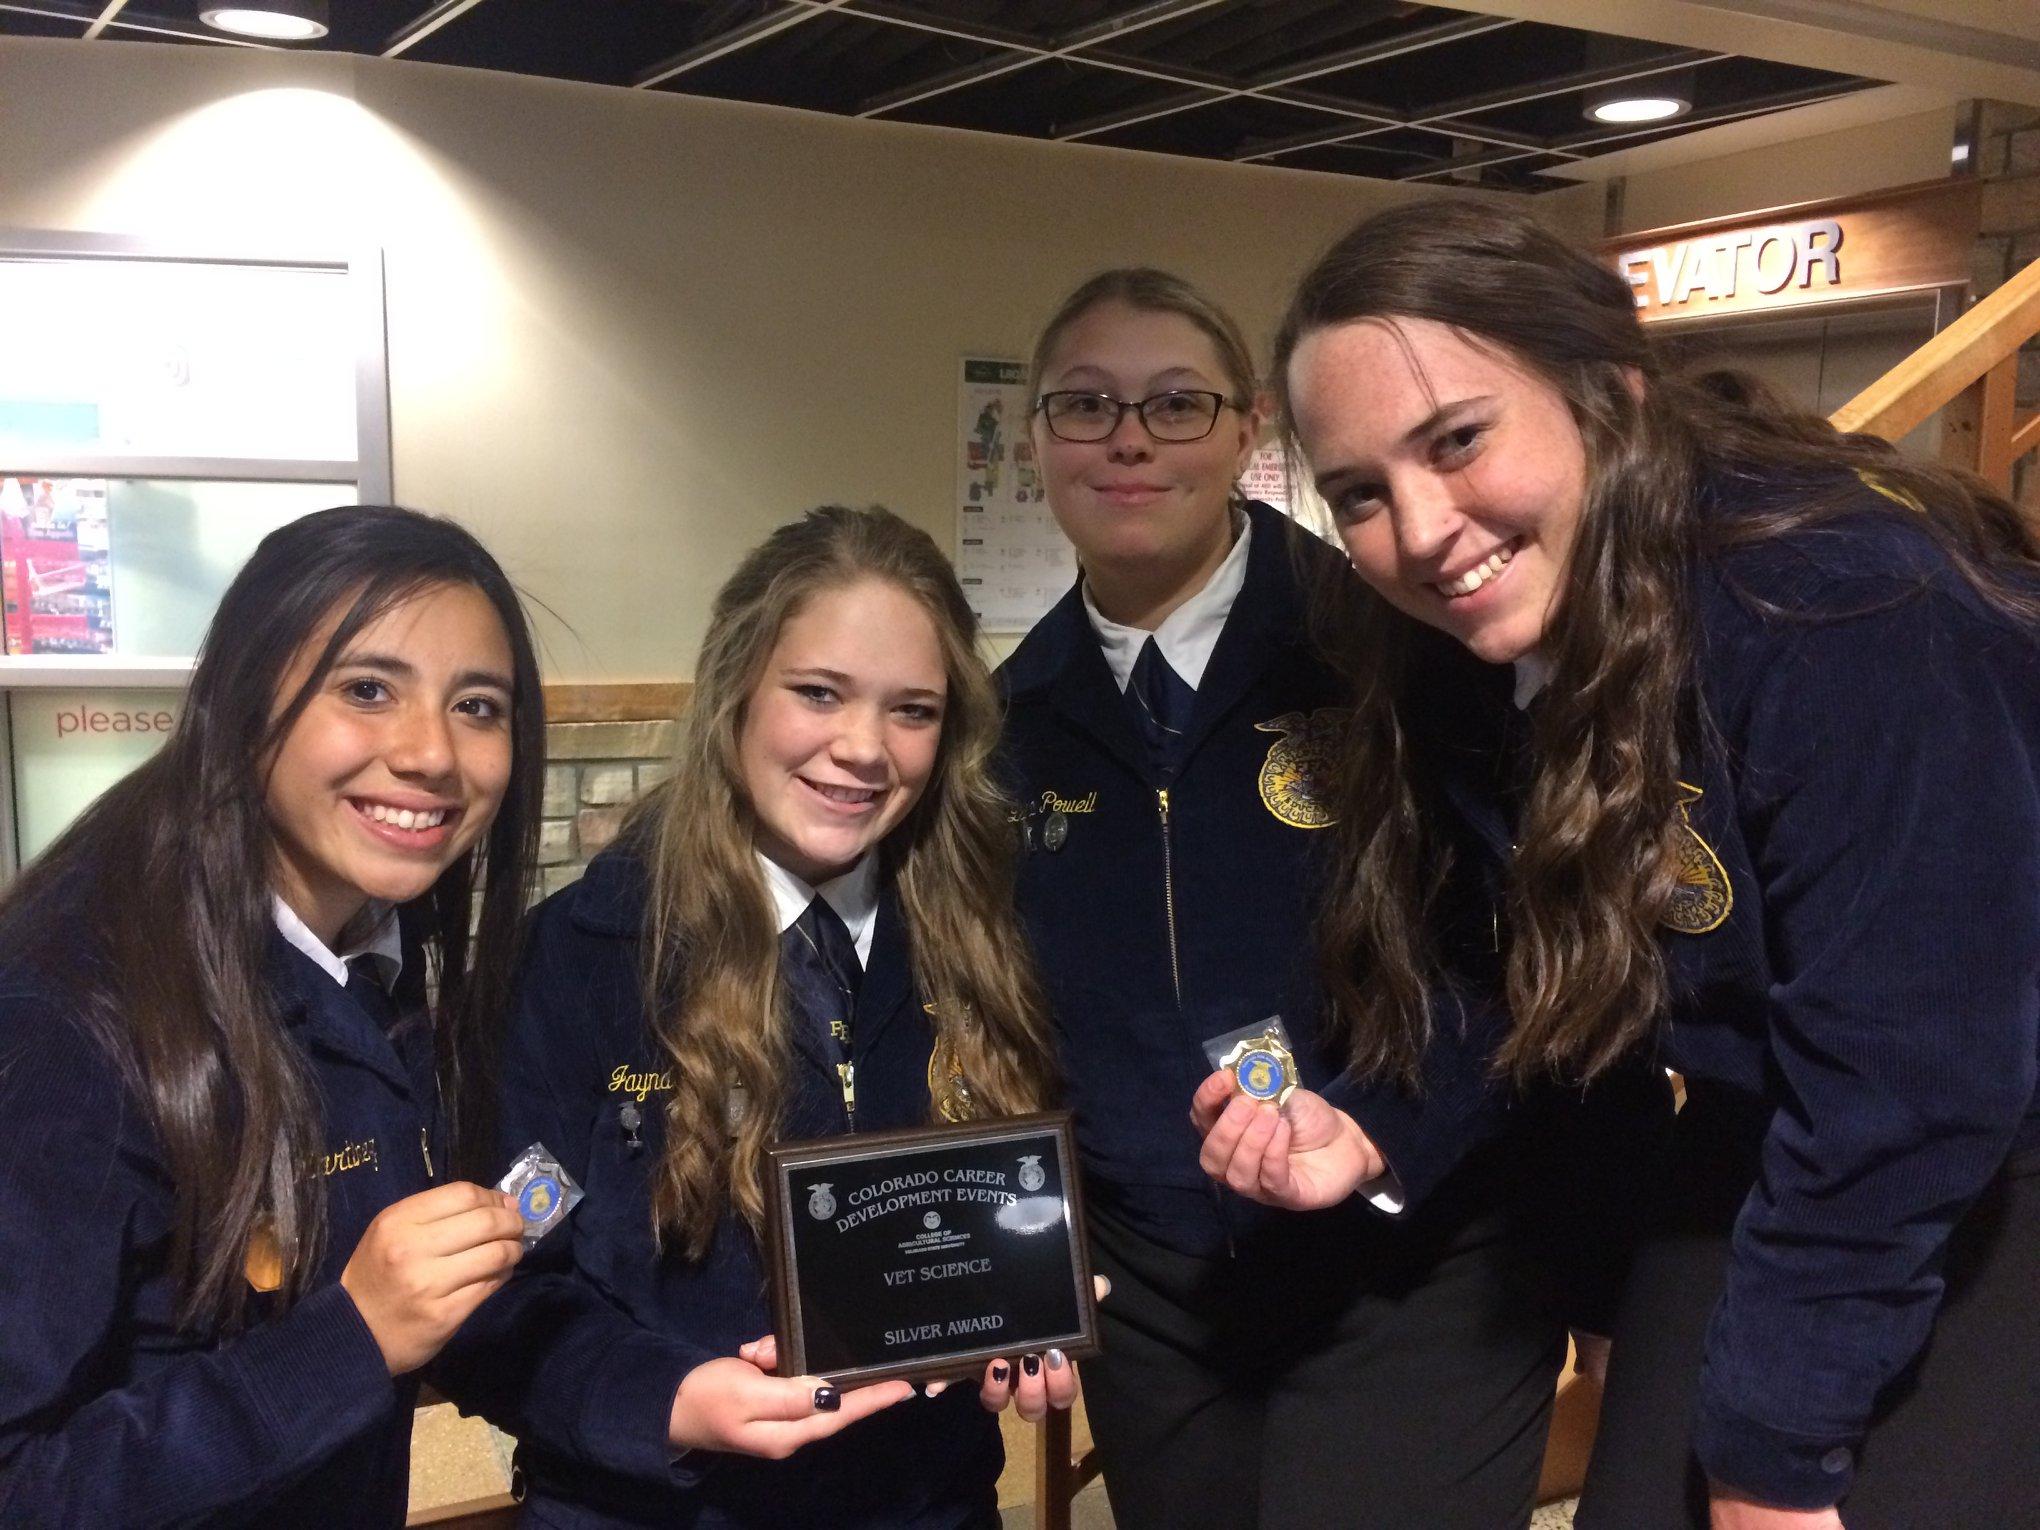 Vet Science Award